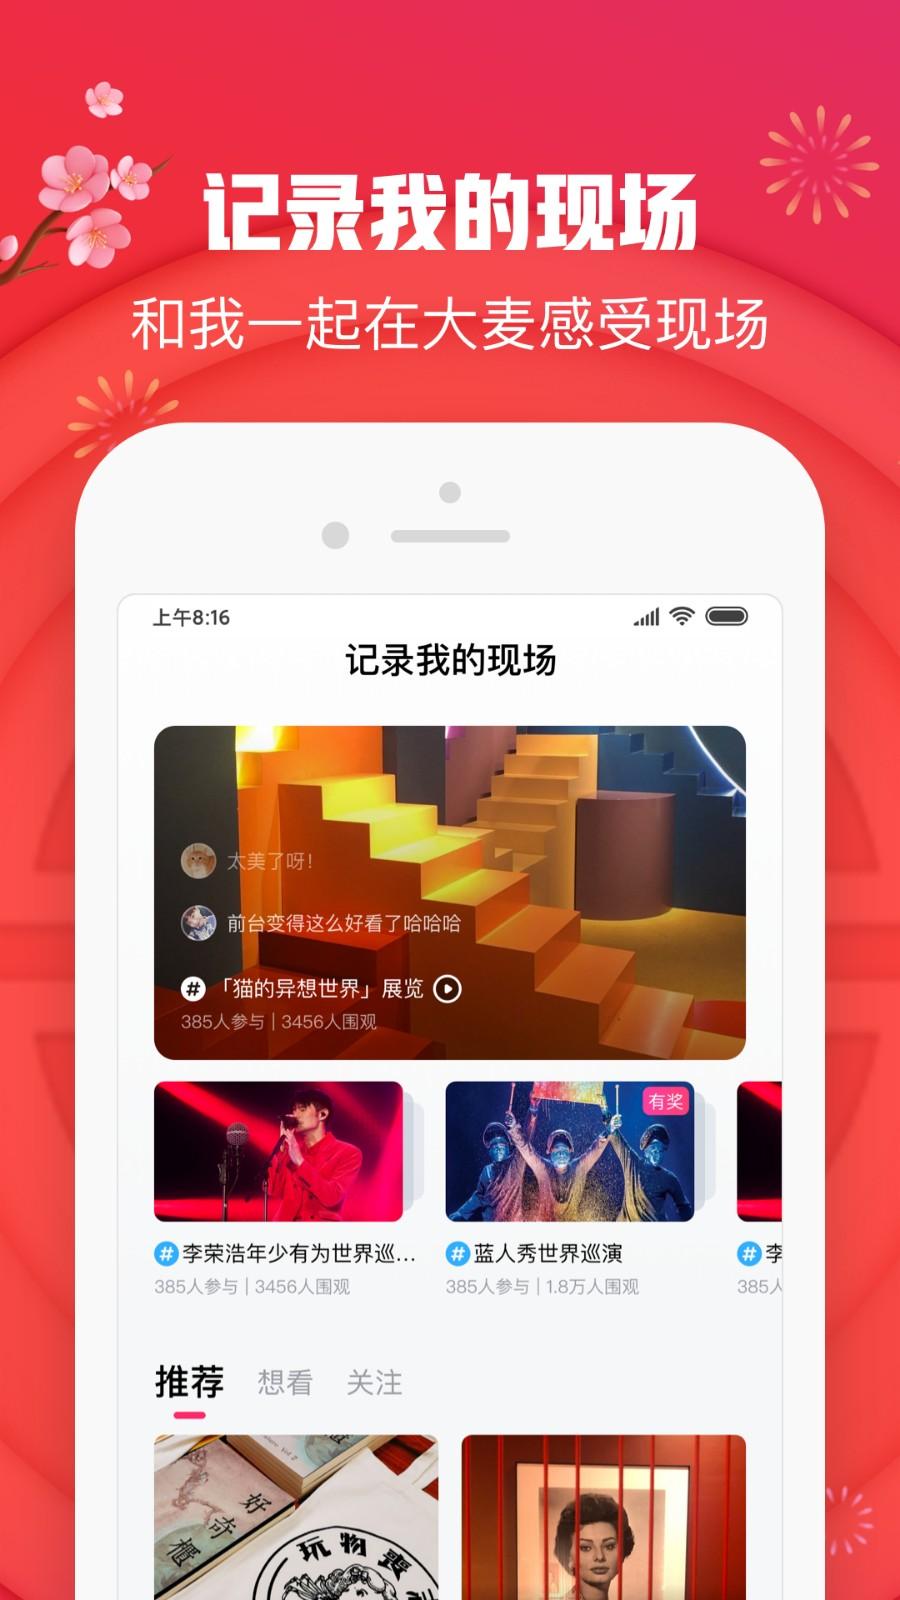 大麦网官方订票app下载安装最新版